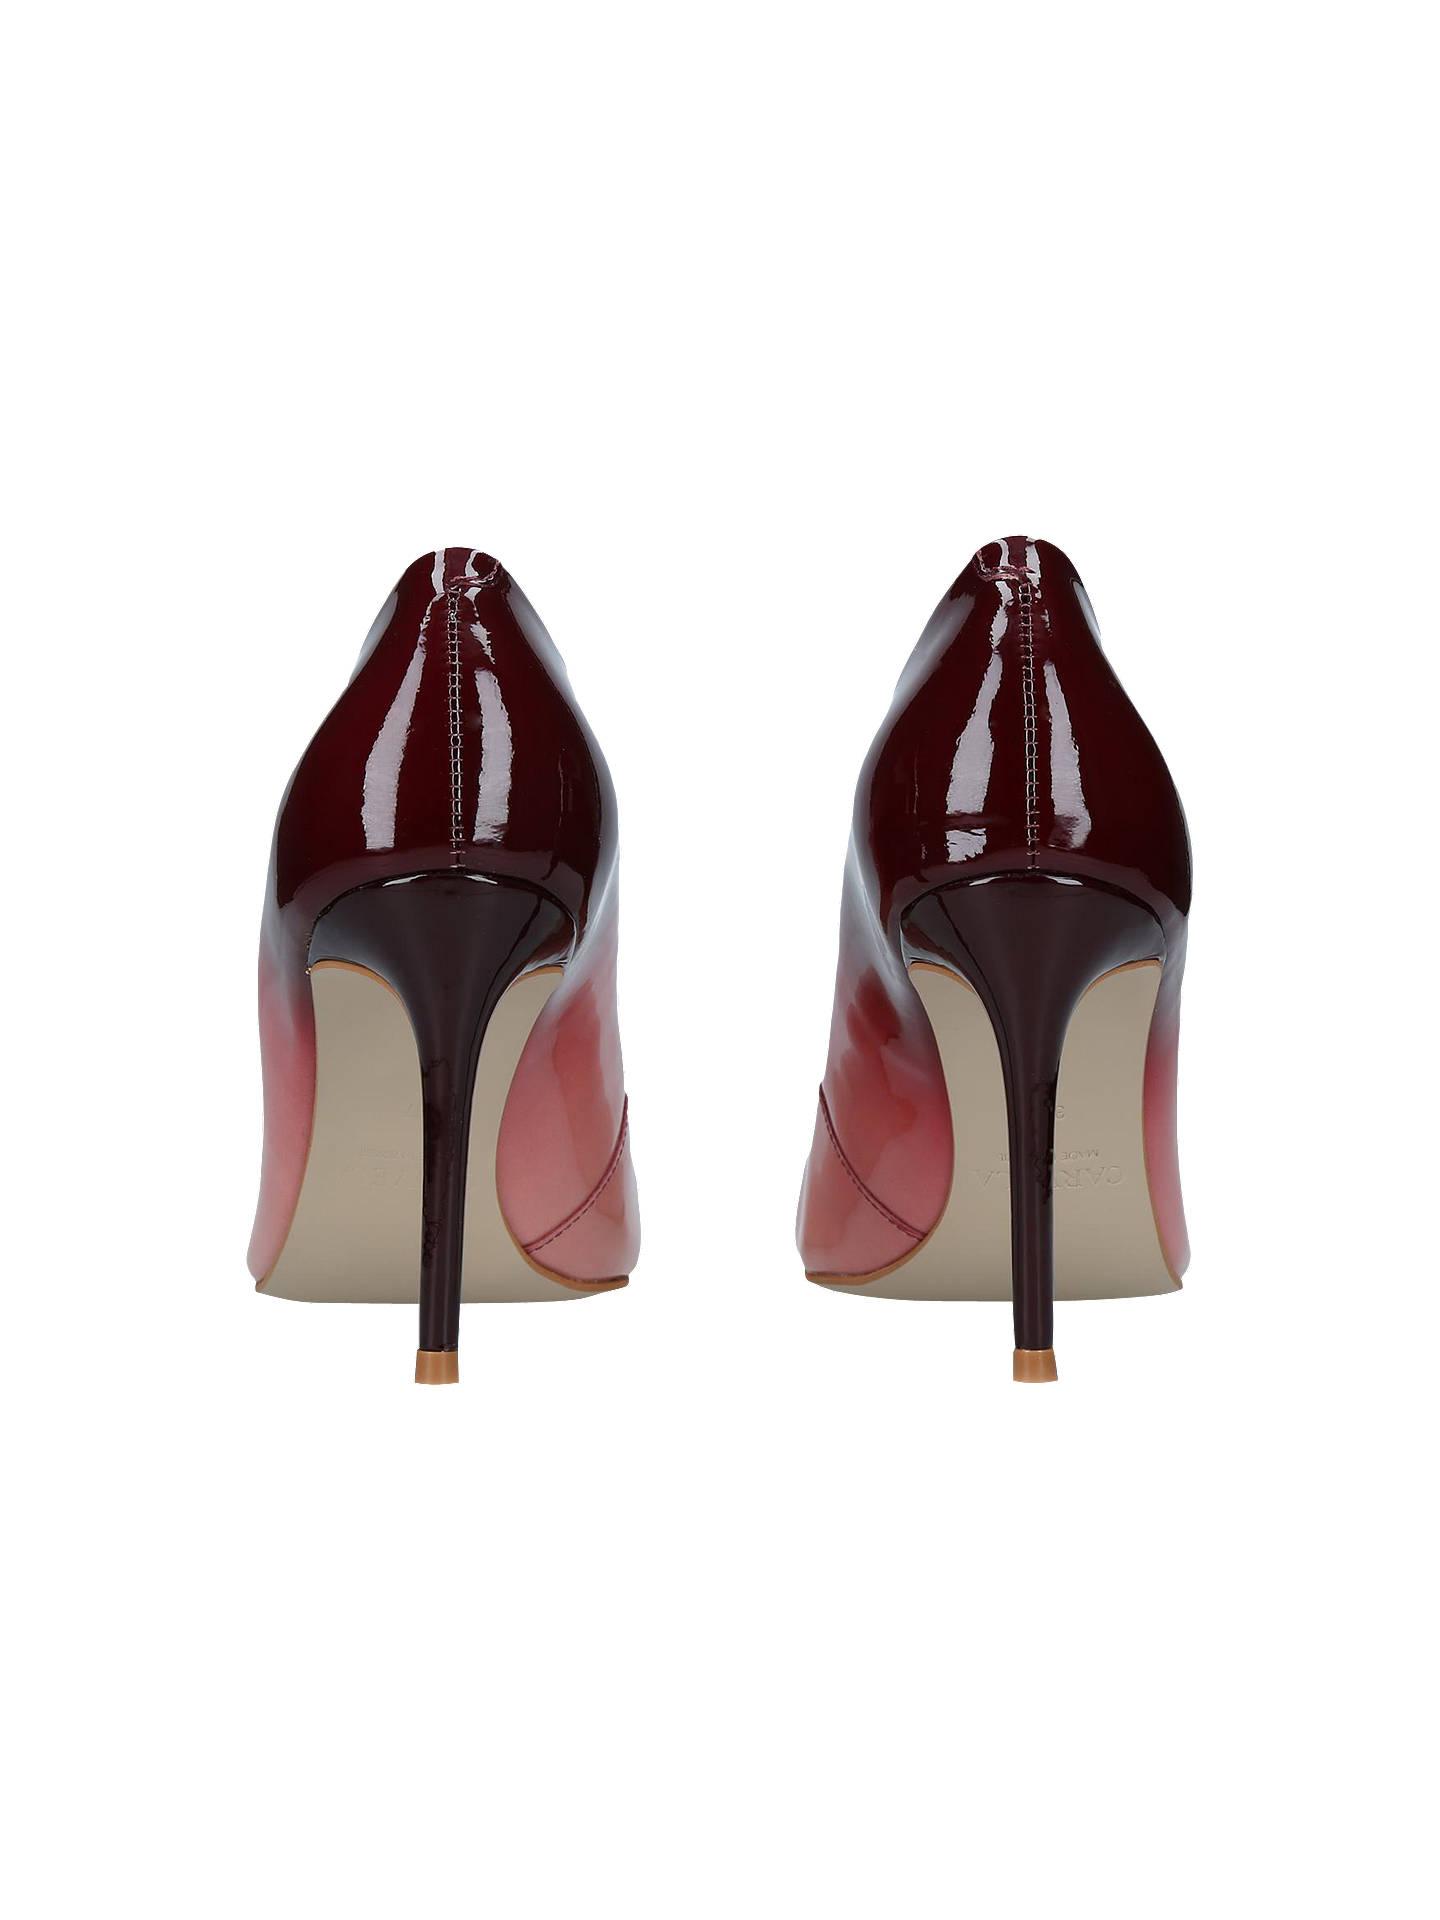 78de4dca137 Carvela Alison Pointed Toe Stiletto Court Shoes, Pale Pink at John ...